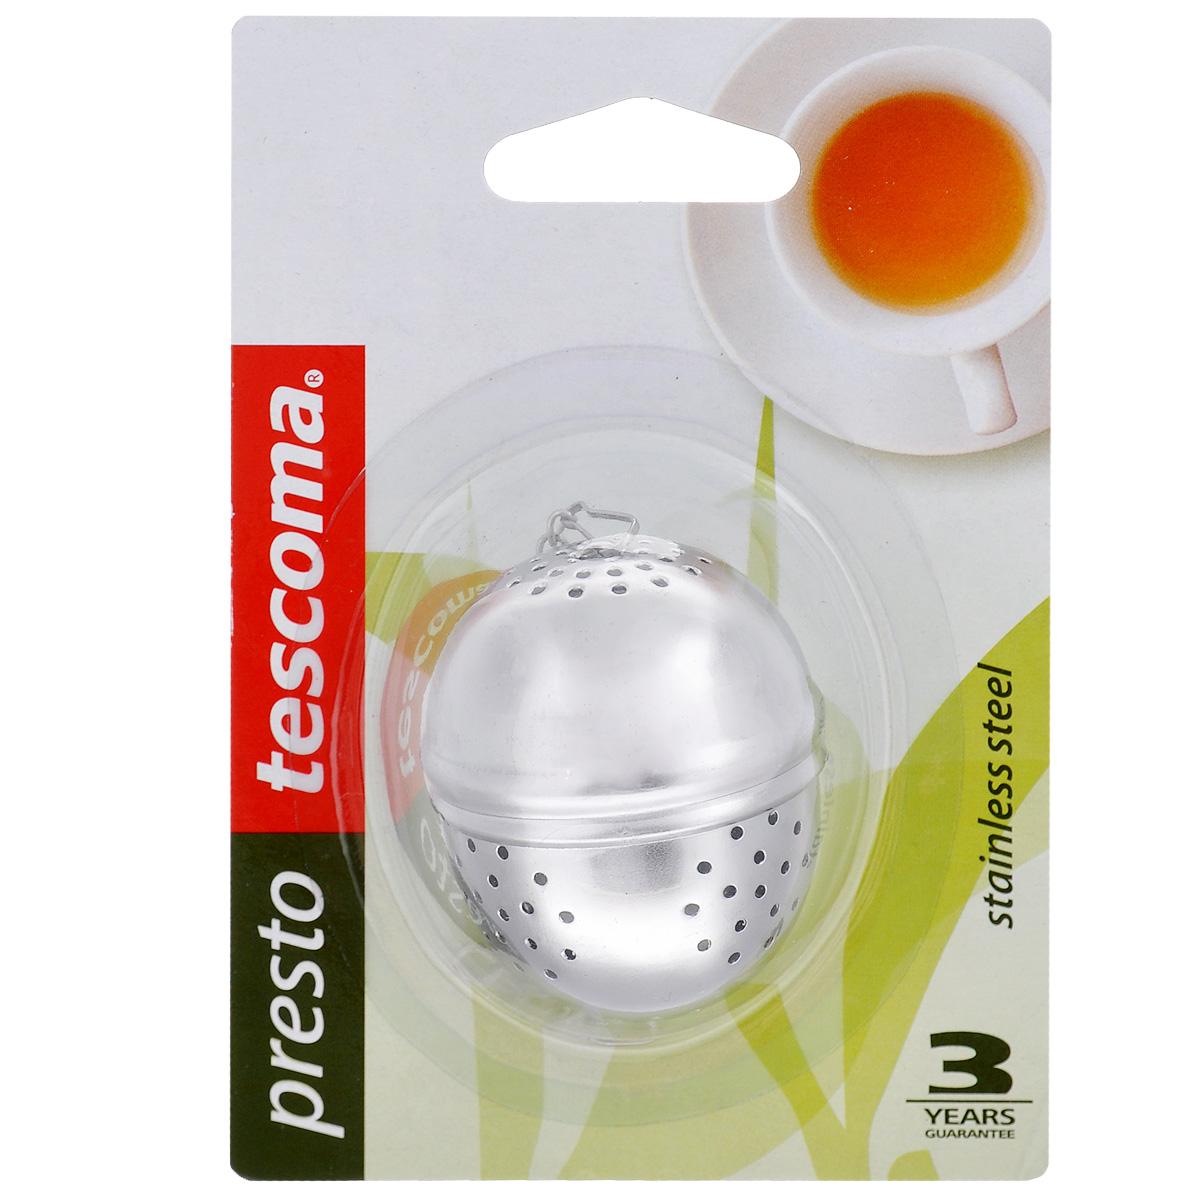 Заварник для чая Tescoma Presto, яйцо420670Заварник для чая Tescoma Presto - это практичный и симпатичный аксессуар для каждой кухни, который используется для приготовления чая, кофе, овощей и кореньев. Выполнен в форме яйца. Заварник изготовлен из благородной нержавеющей стали. Диаметр заварника: 4 см.Высота заварника: 5 см.